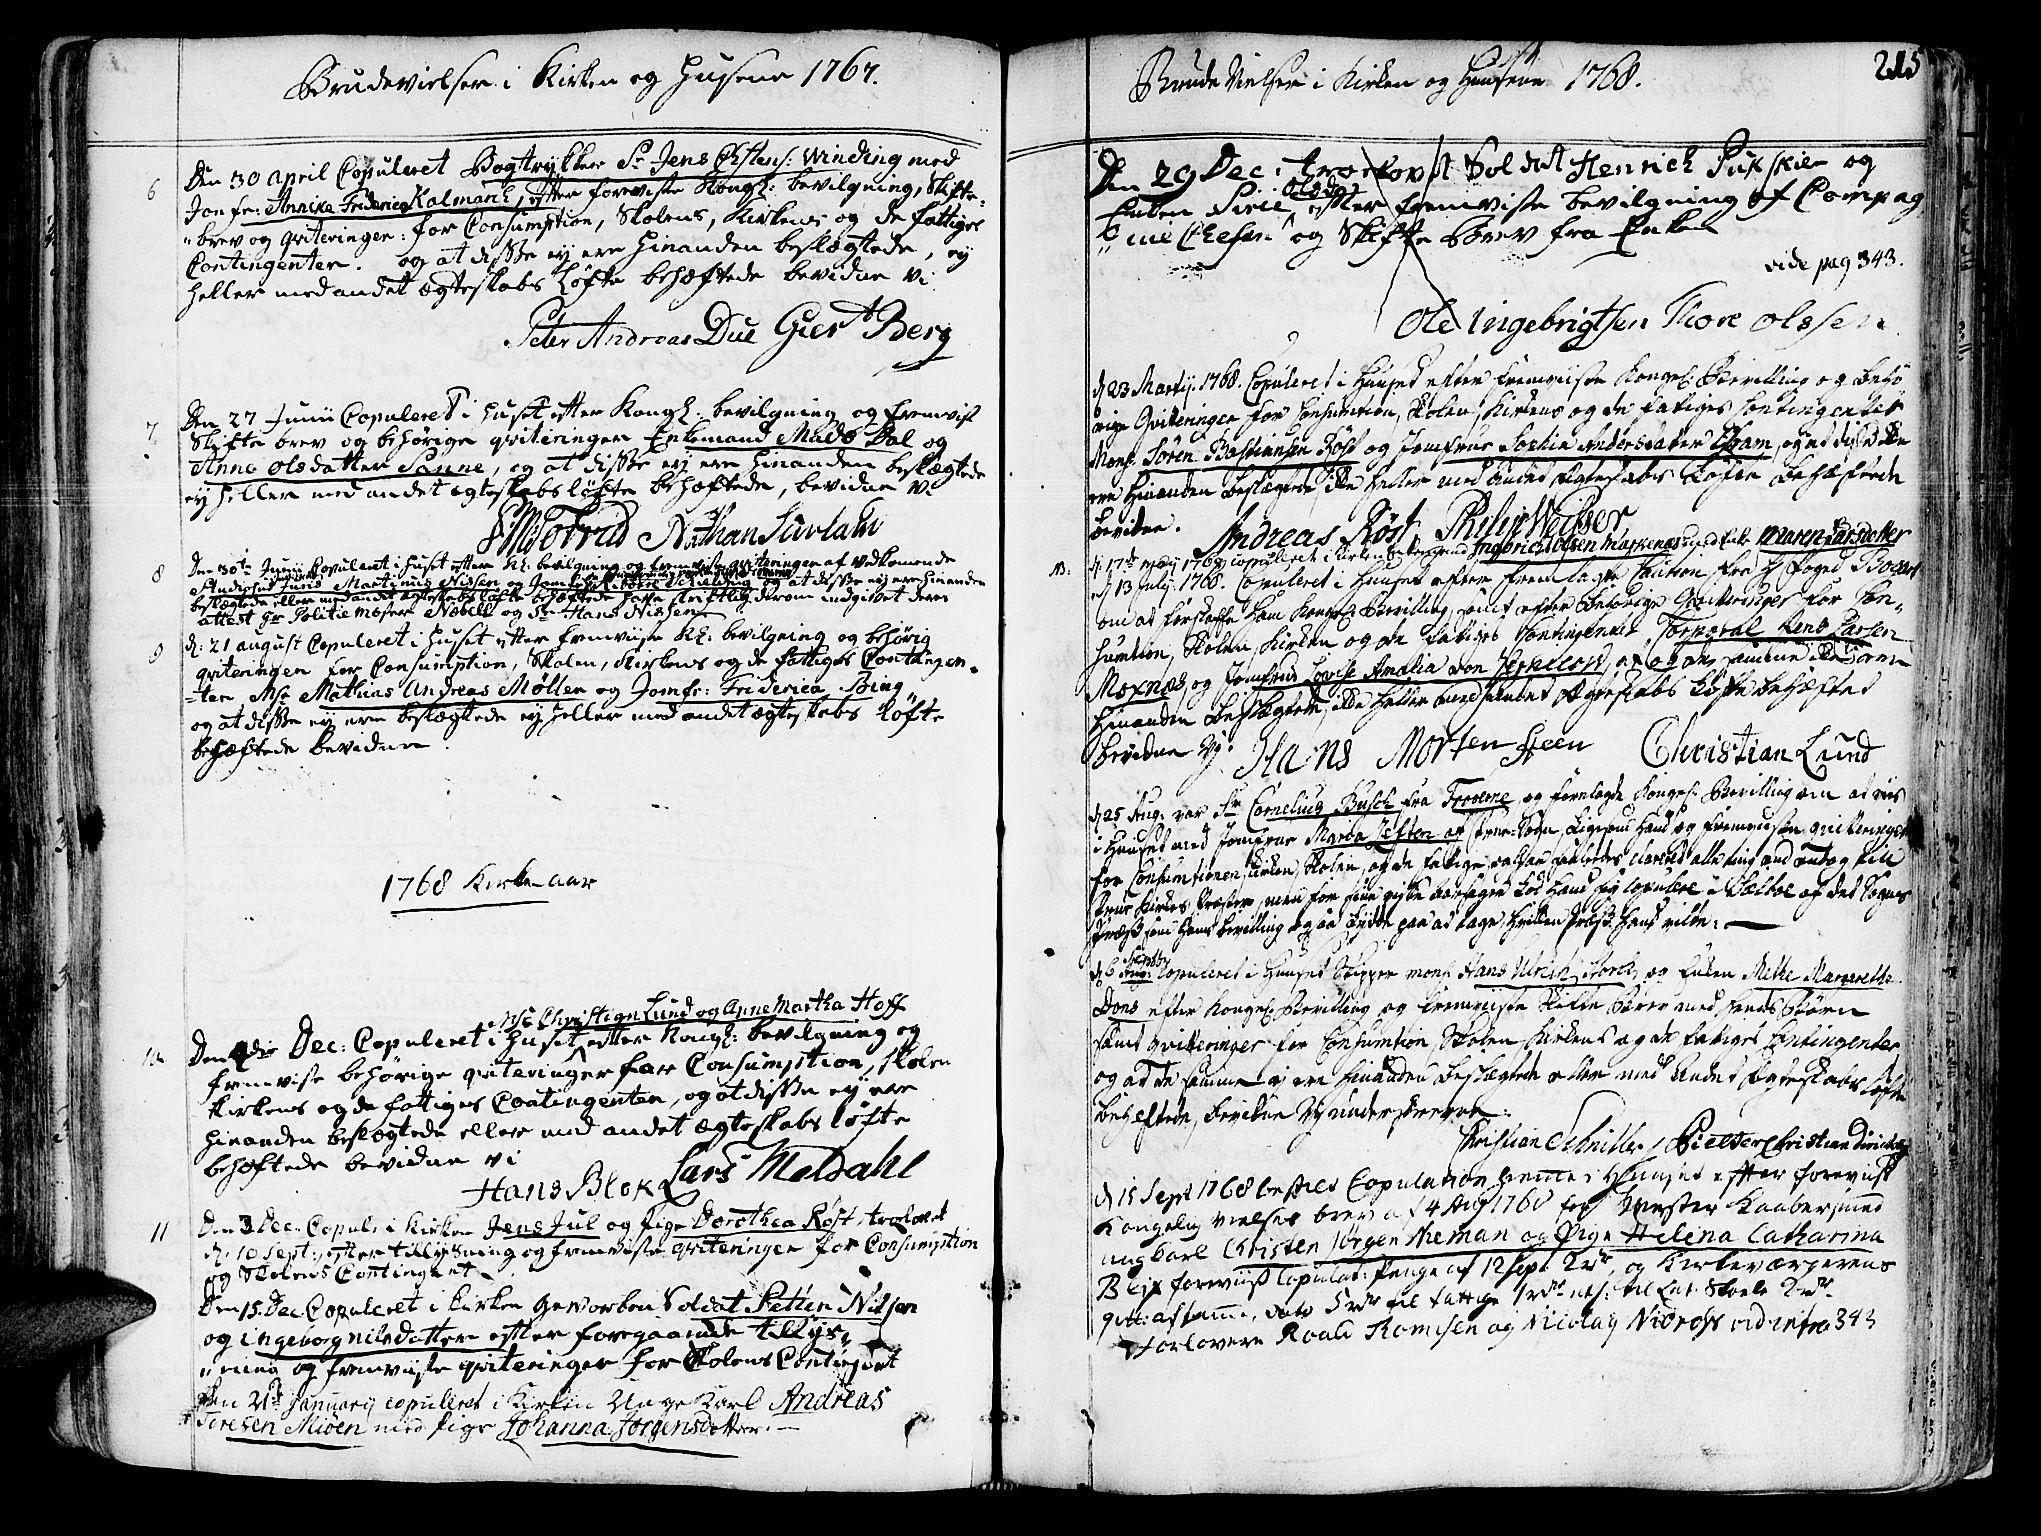 SAT, Ministerialprotokoller, klokkerbøker og fødselsregistre - Sør-Trøndelag, 602/L0103: Ministerialbok nr. 602A01, 1732-1774, s. 215